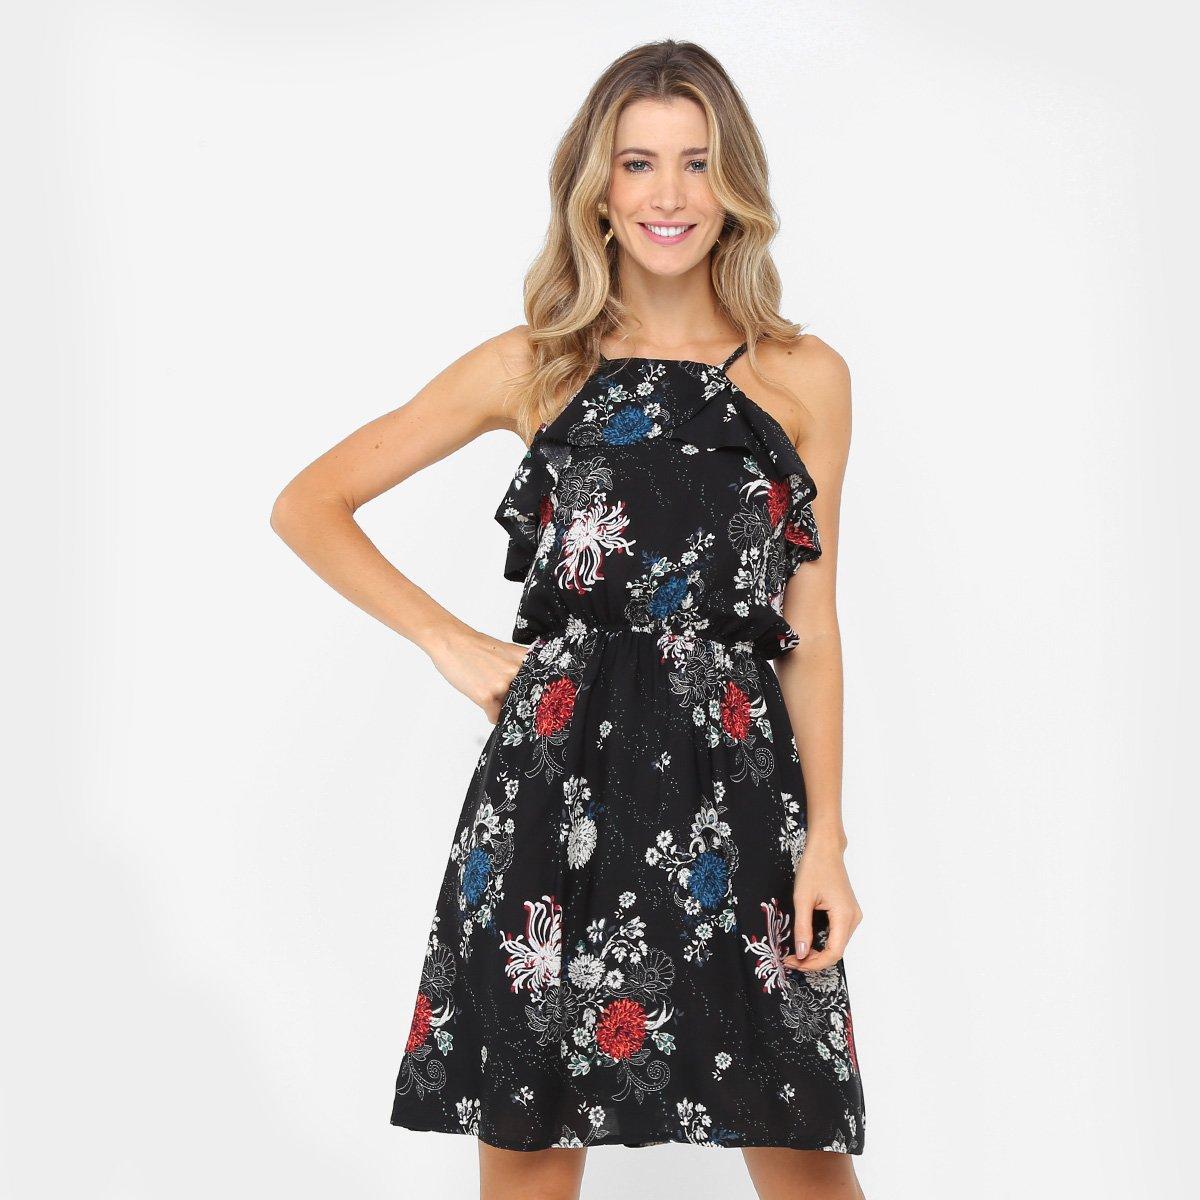 fb820eb67a 66%OFF Vestido Lily Fashion Evasê Curto Estampado